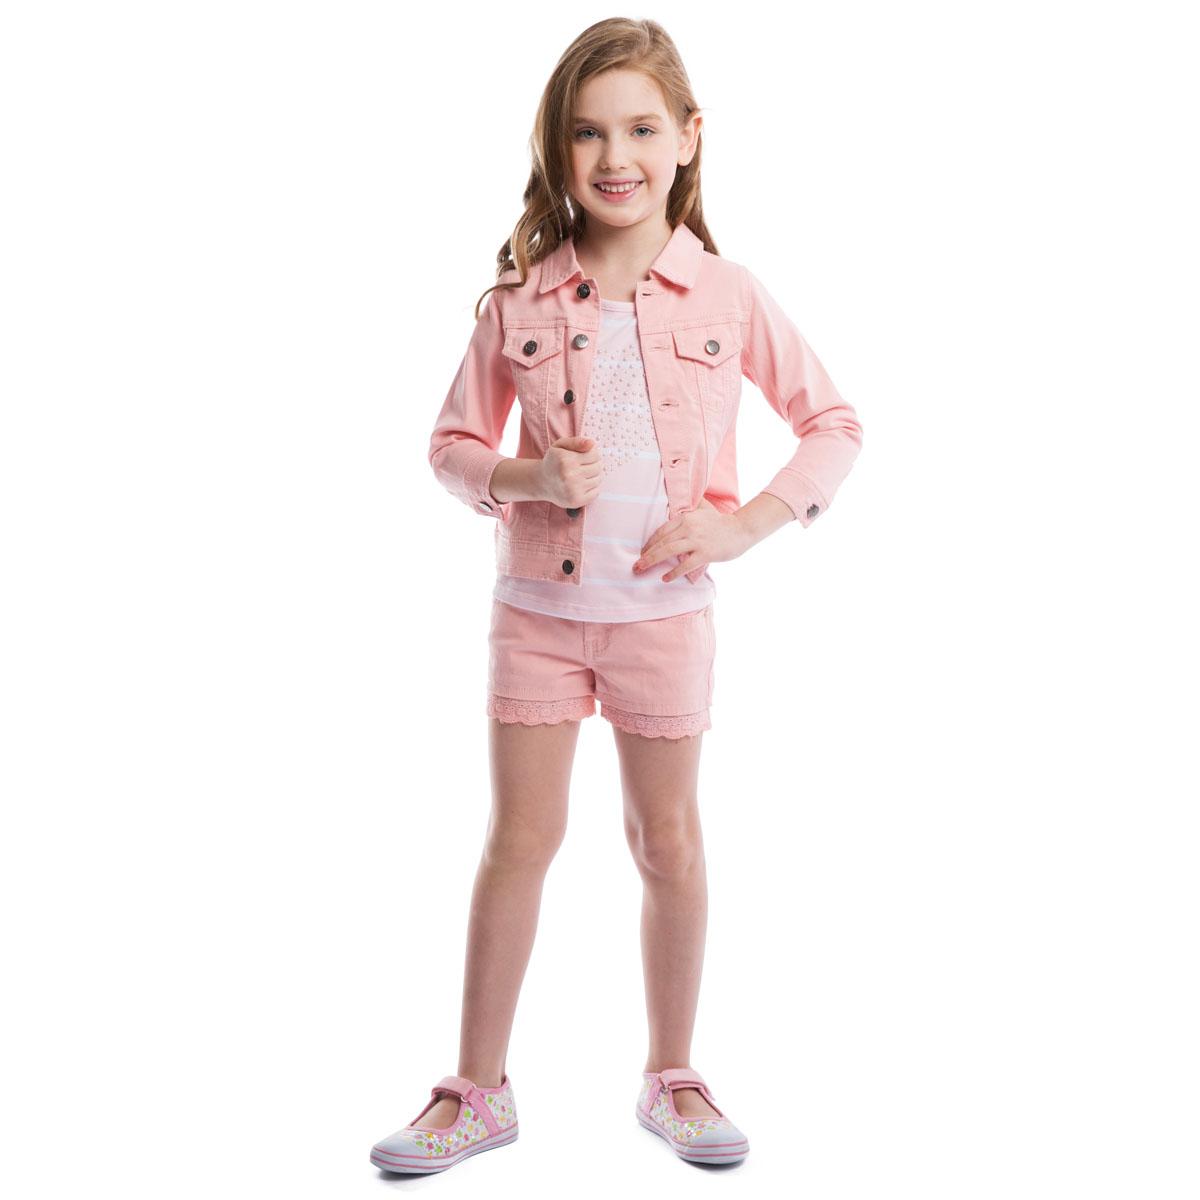 Куртка для девочки. 262001262001Куртка для девочки PlayToday, выполненная из эластичного хлопка, необычайно мягкая и приятная на ощупь, не сковывает движения ребенка и позволяет коже дышать, не раздражает даже самую нежную и чувствительную кожу, обеспечивая малышке наибольший комфорт. Куртка с отложным воротником и рукавами 3/4 застегивается на металлические пуговицы с выгравированной клубничкой. Манжеты рукавов также застегиваются на пуговицы. Спереди модель дополнена двумя прорезными кармашками, закрывающимися клапанами на пуговицах. Низ изделия по бокам декорирован хлястиками на пуговицах. Оригинальный современный дизайн и модная расцветка делают эту куртку стильным предметом детского гардероба. В ней ваша малышка будет чувствовать себя уютно и комфортно и всегда будет в центре внимания!